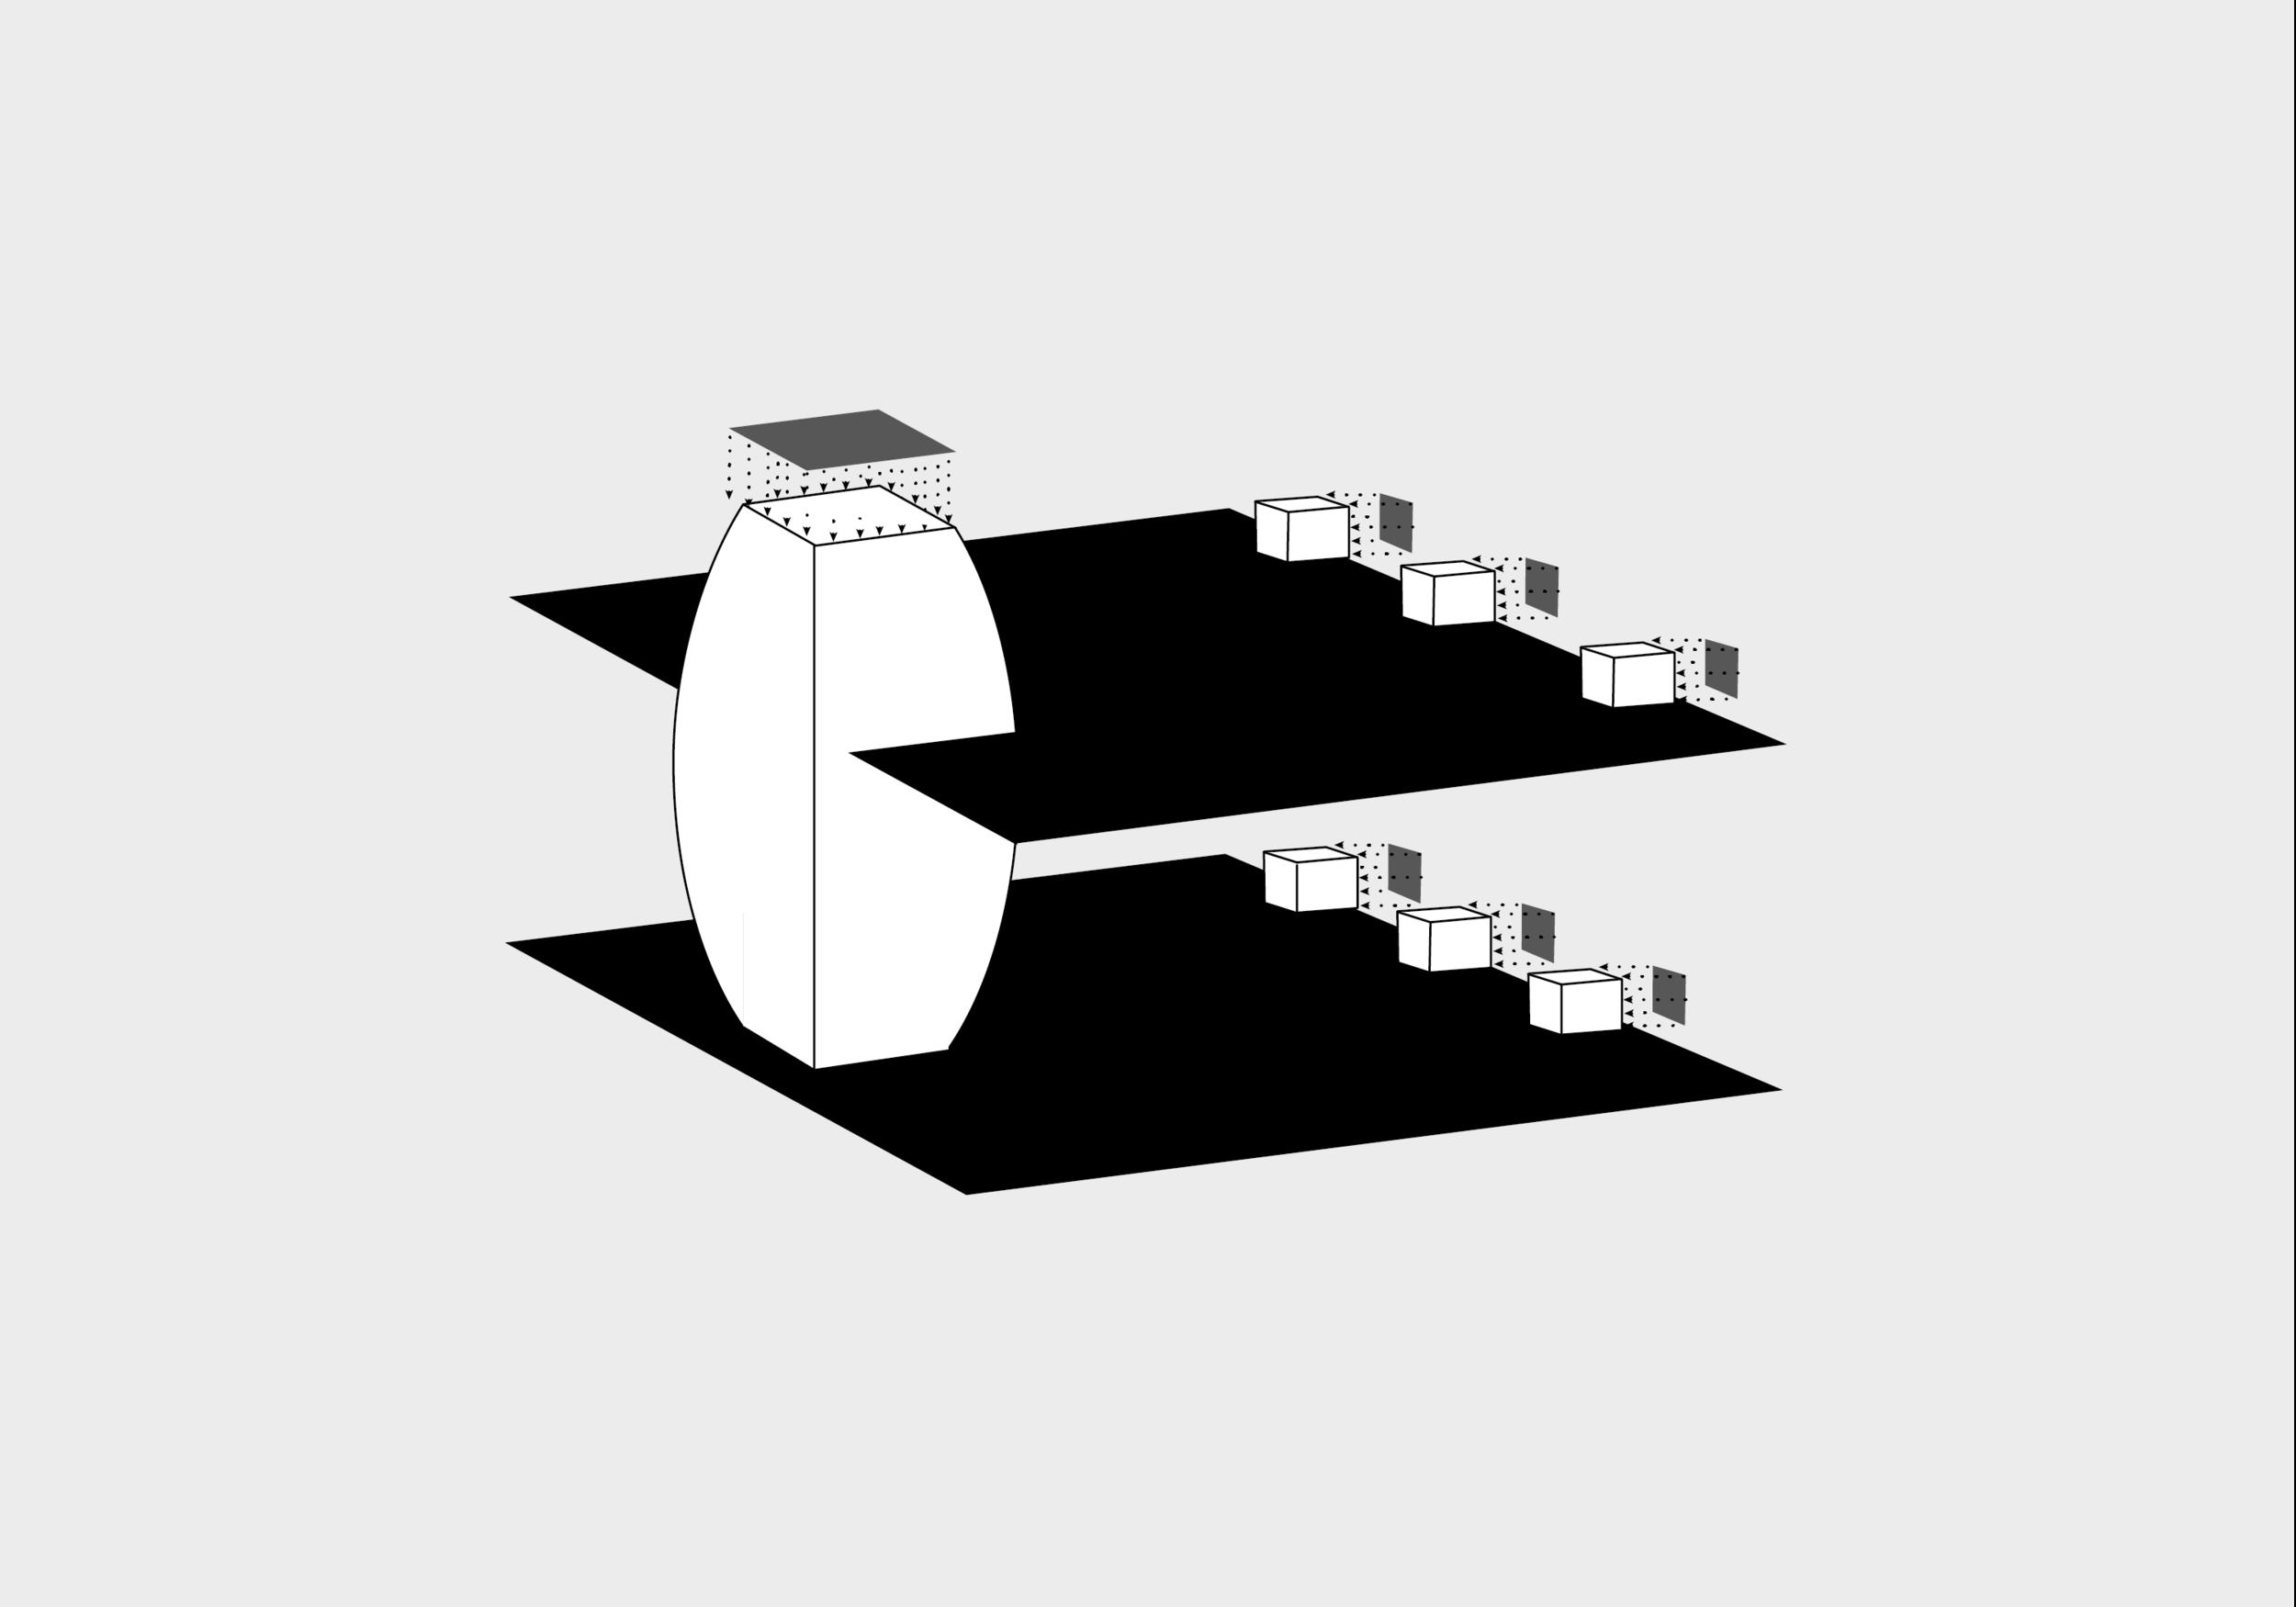 soros diagram-18.png